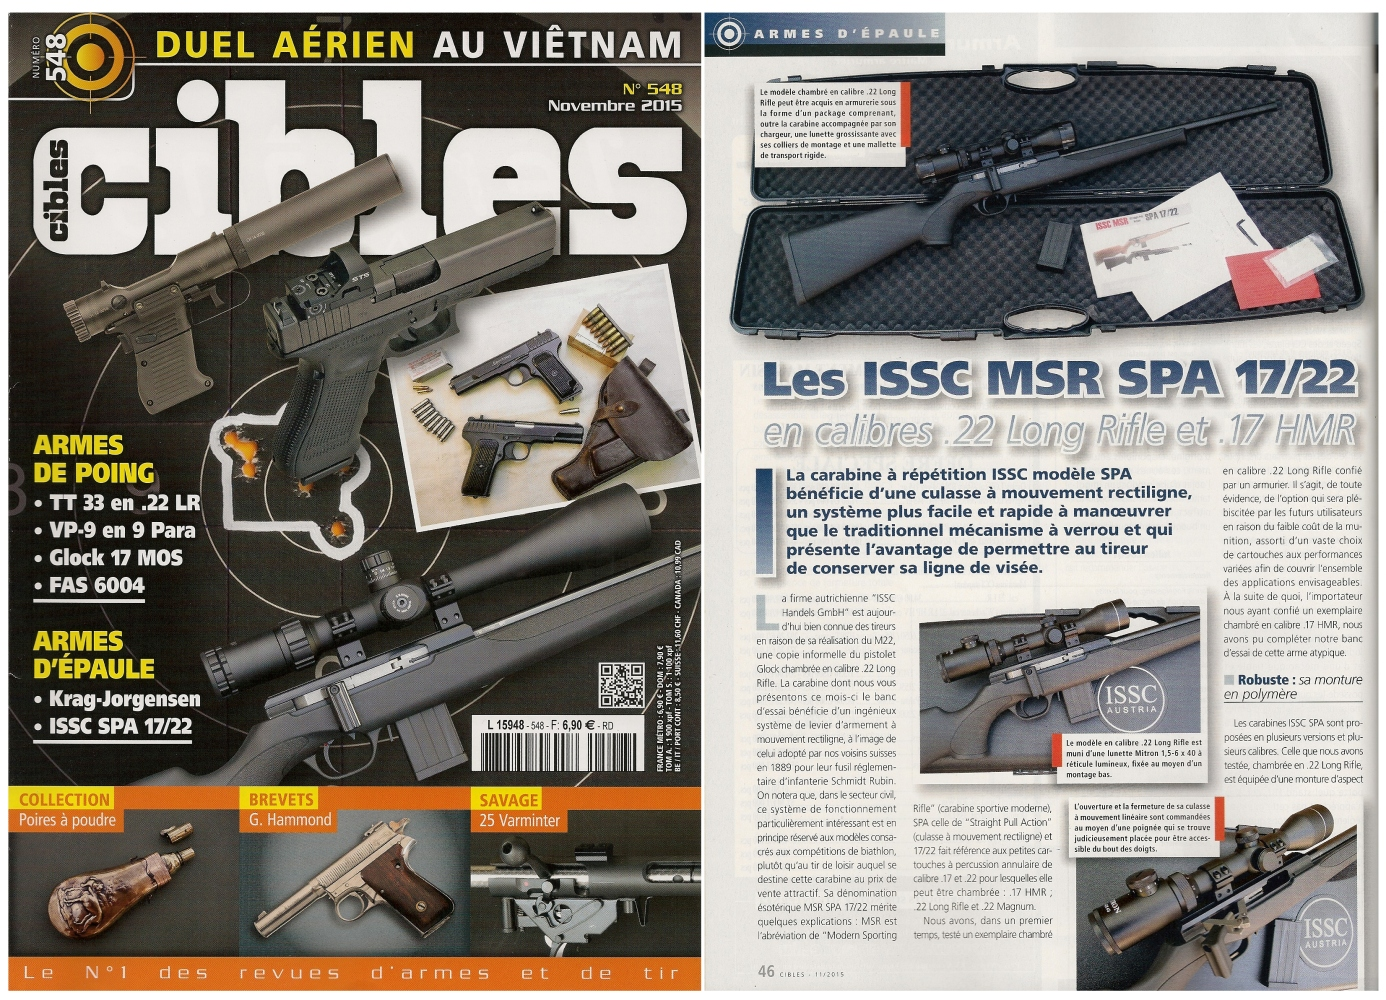 Le banc d'essai des carabines ISSC SPA 17/22 chambrées en calibre .22 LR et .17 HMR a été publié sur 7 pages dans le magazine Cibles n°548 (novembre 2015).